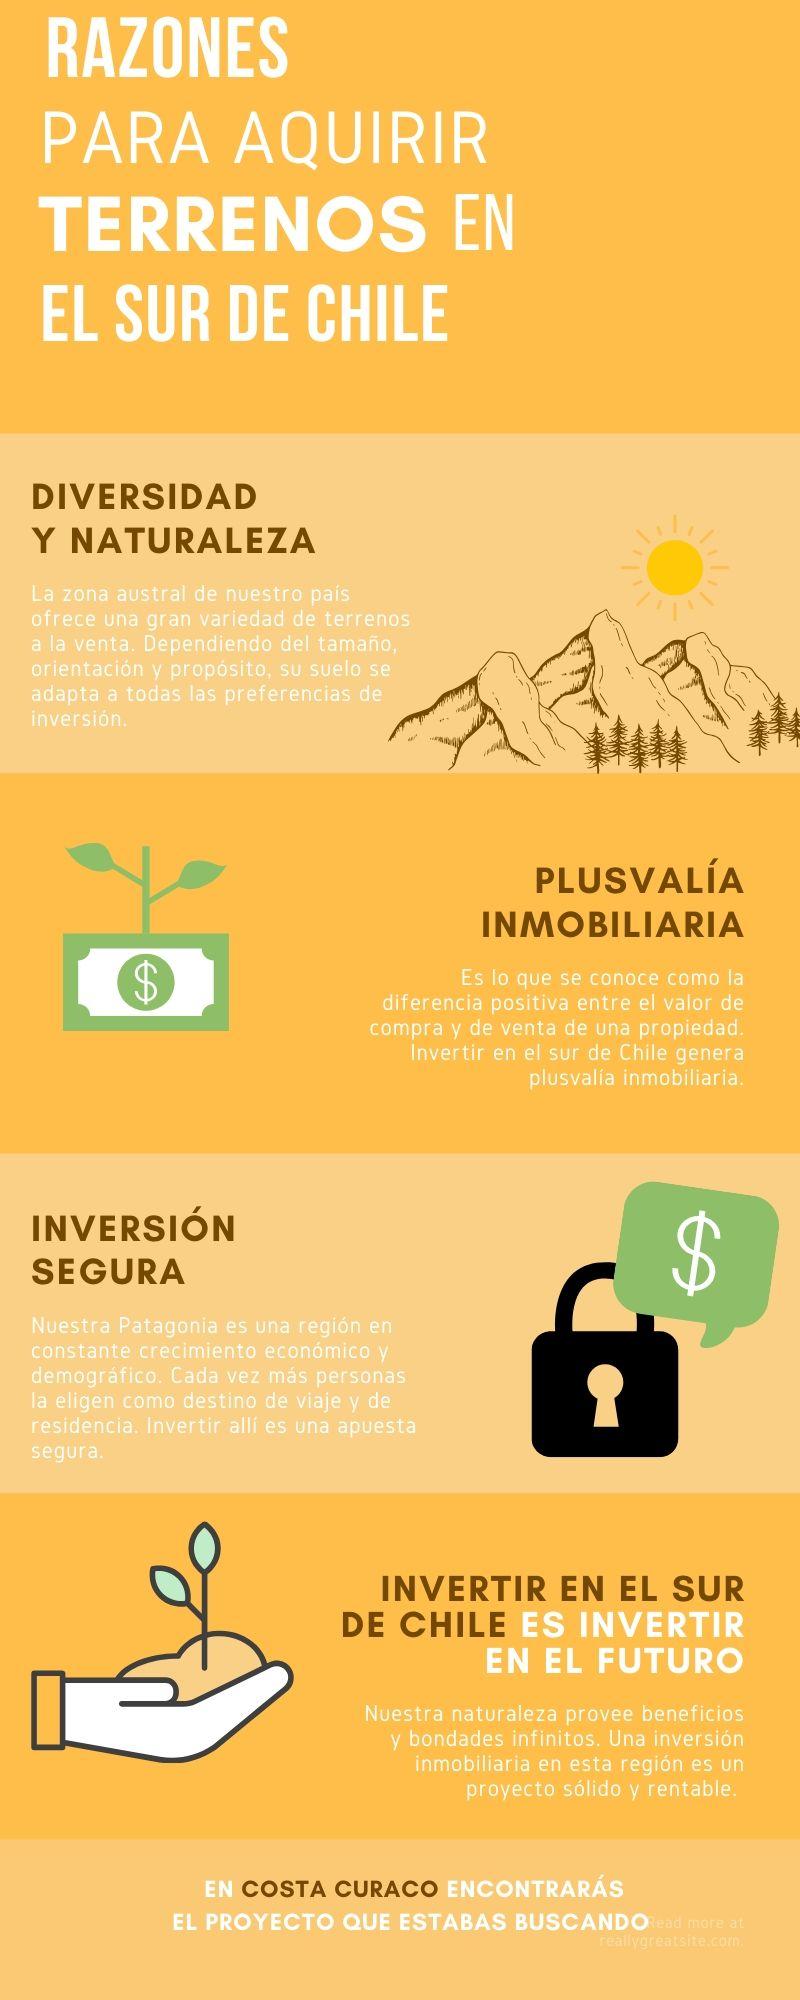 razones para invertir en el sur de chile